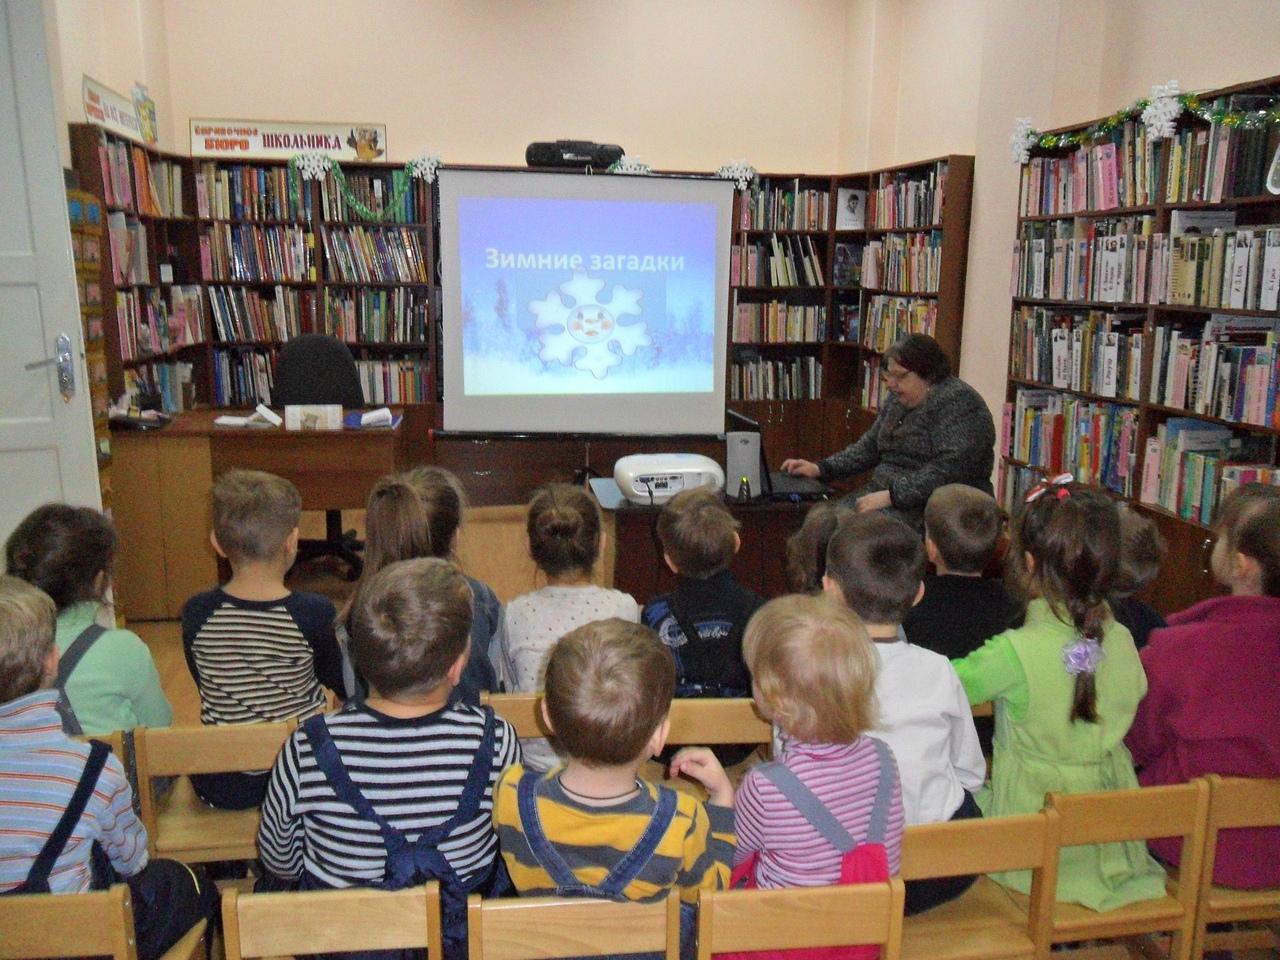 донецкая республиканская библиотека для детей, занятия с детьми, зимние праздники, отдел искусств, с библиотекой интересно